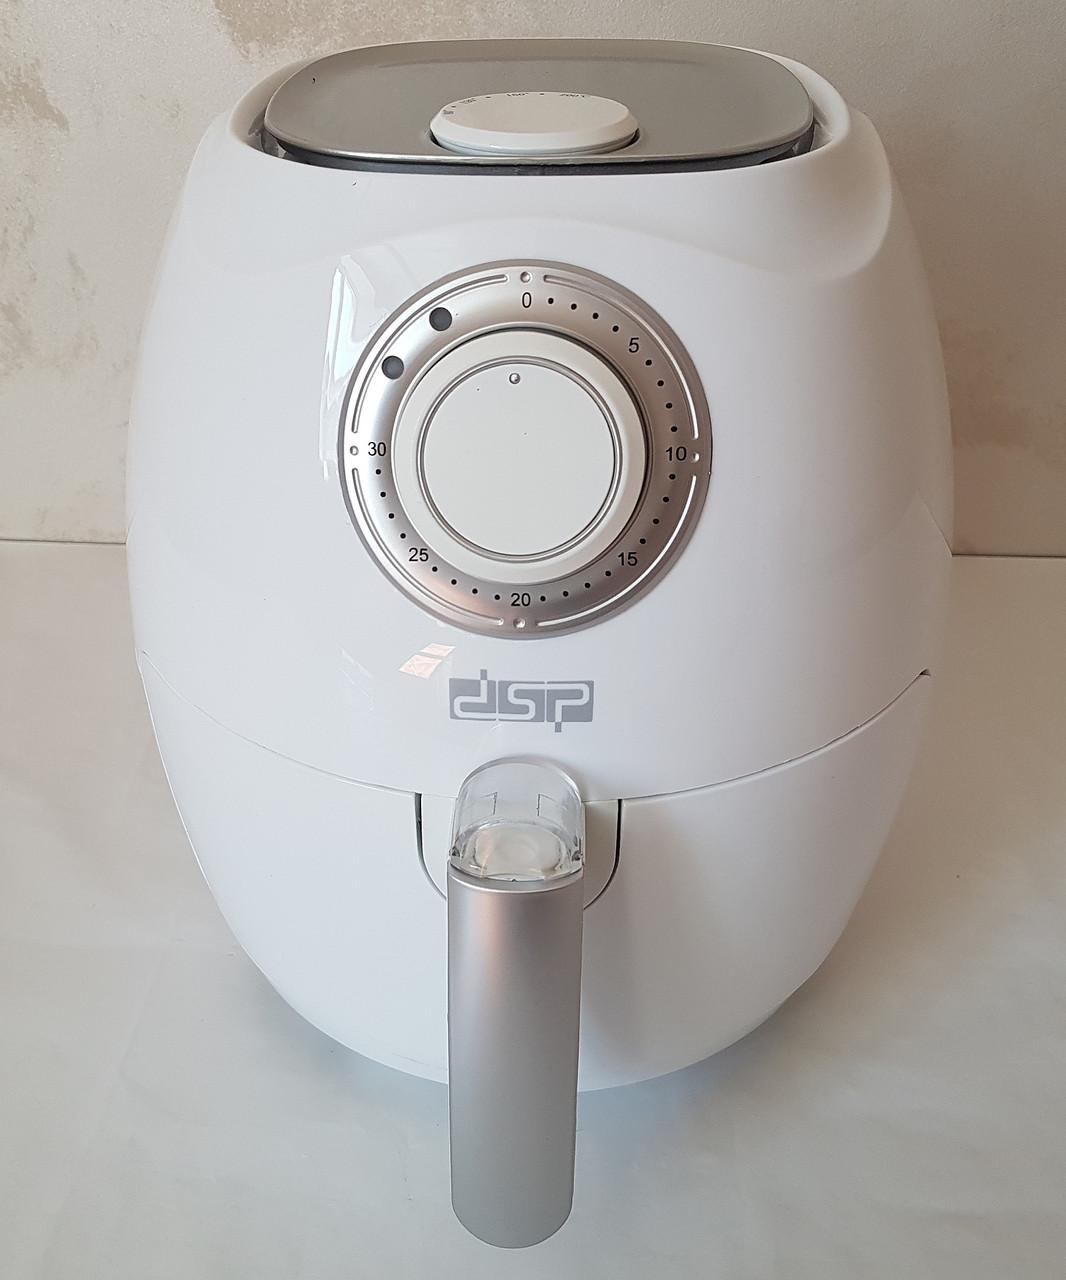 Фритюрница DSP KB2020 А  электрическая аэрогриль  1350 Вт